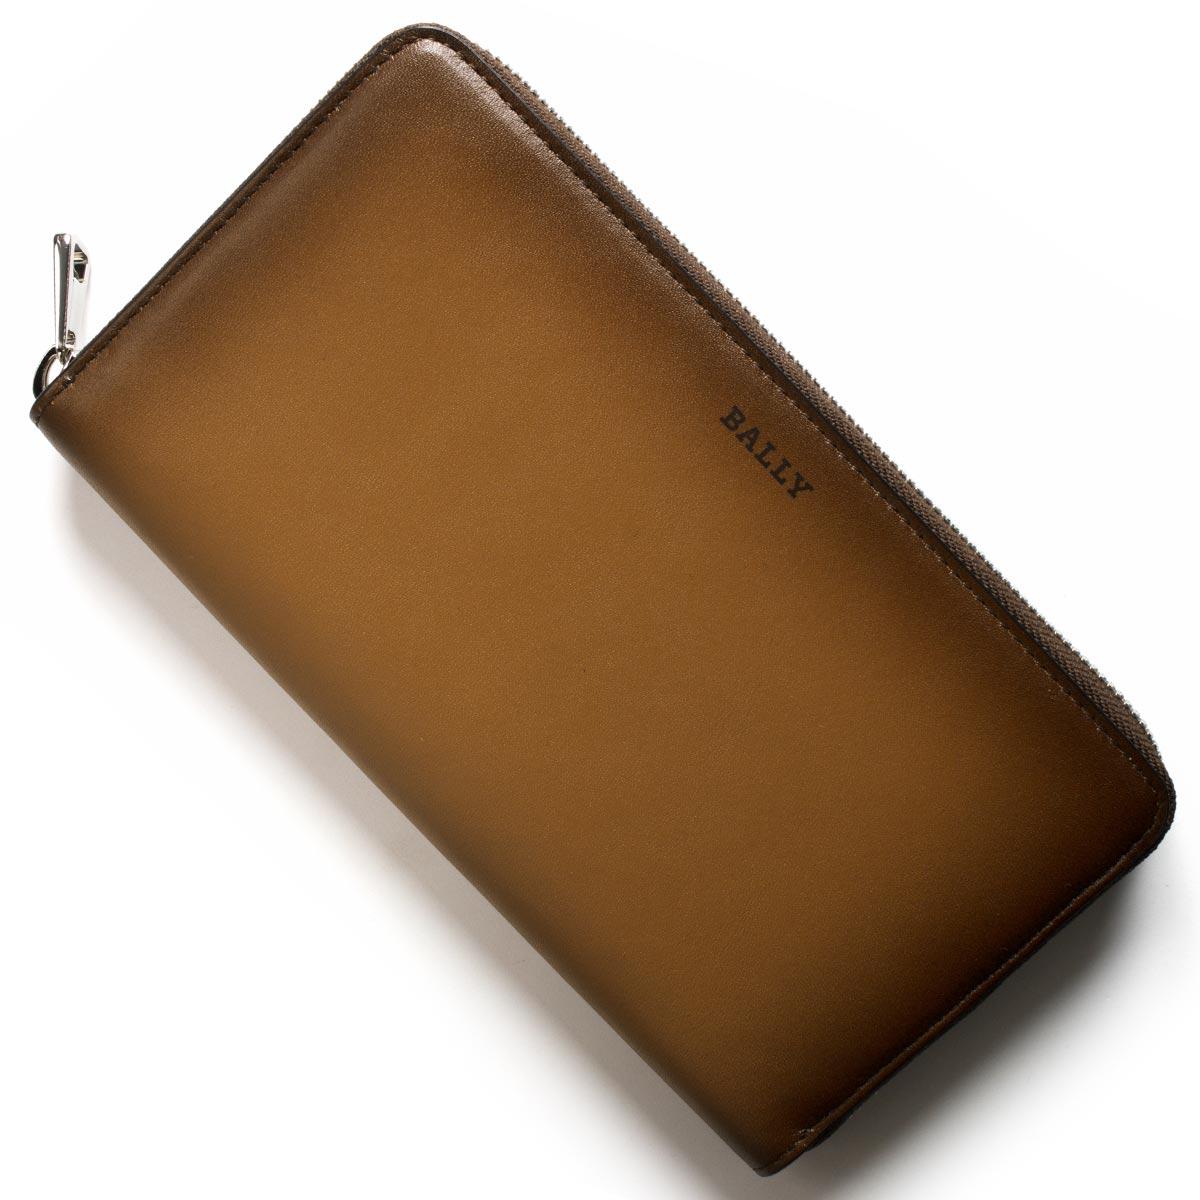 バリー 長財布 財布 メンズ セレン グラデーション カウボーイブラウン SELEN S 01 6221969 BALLY